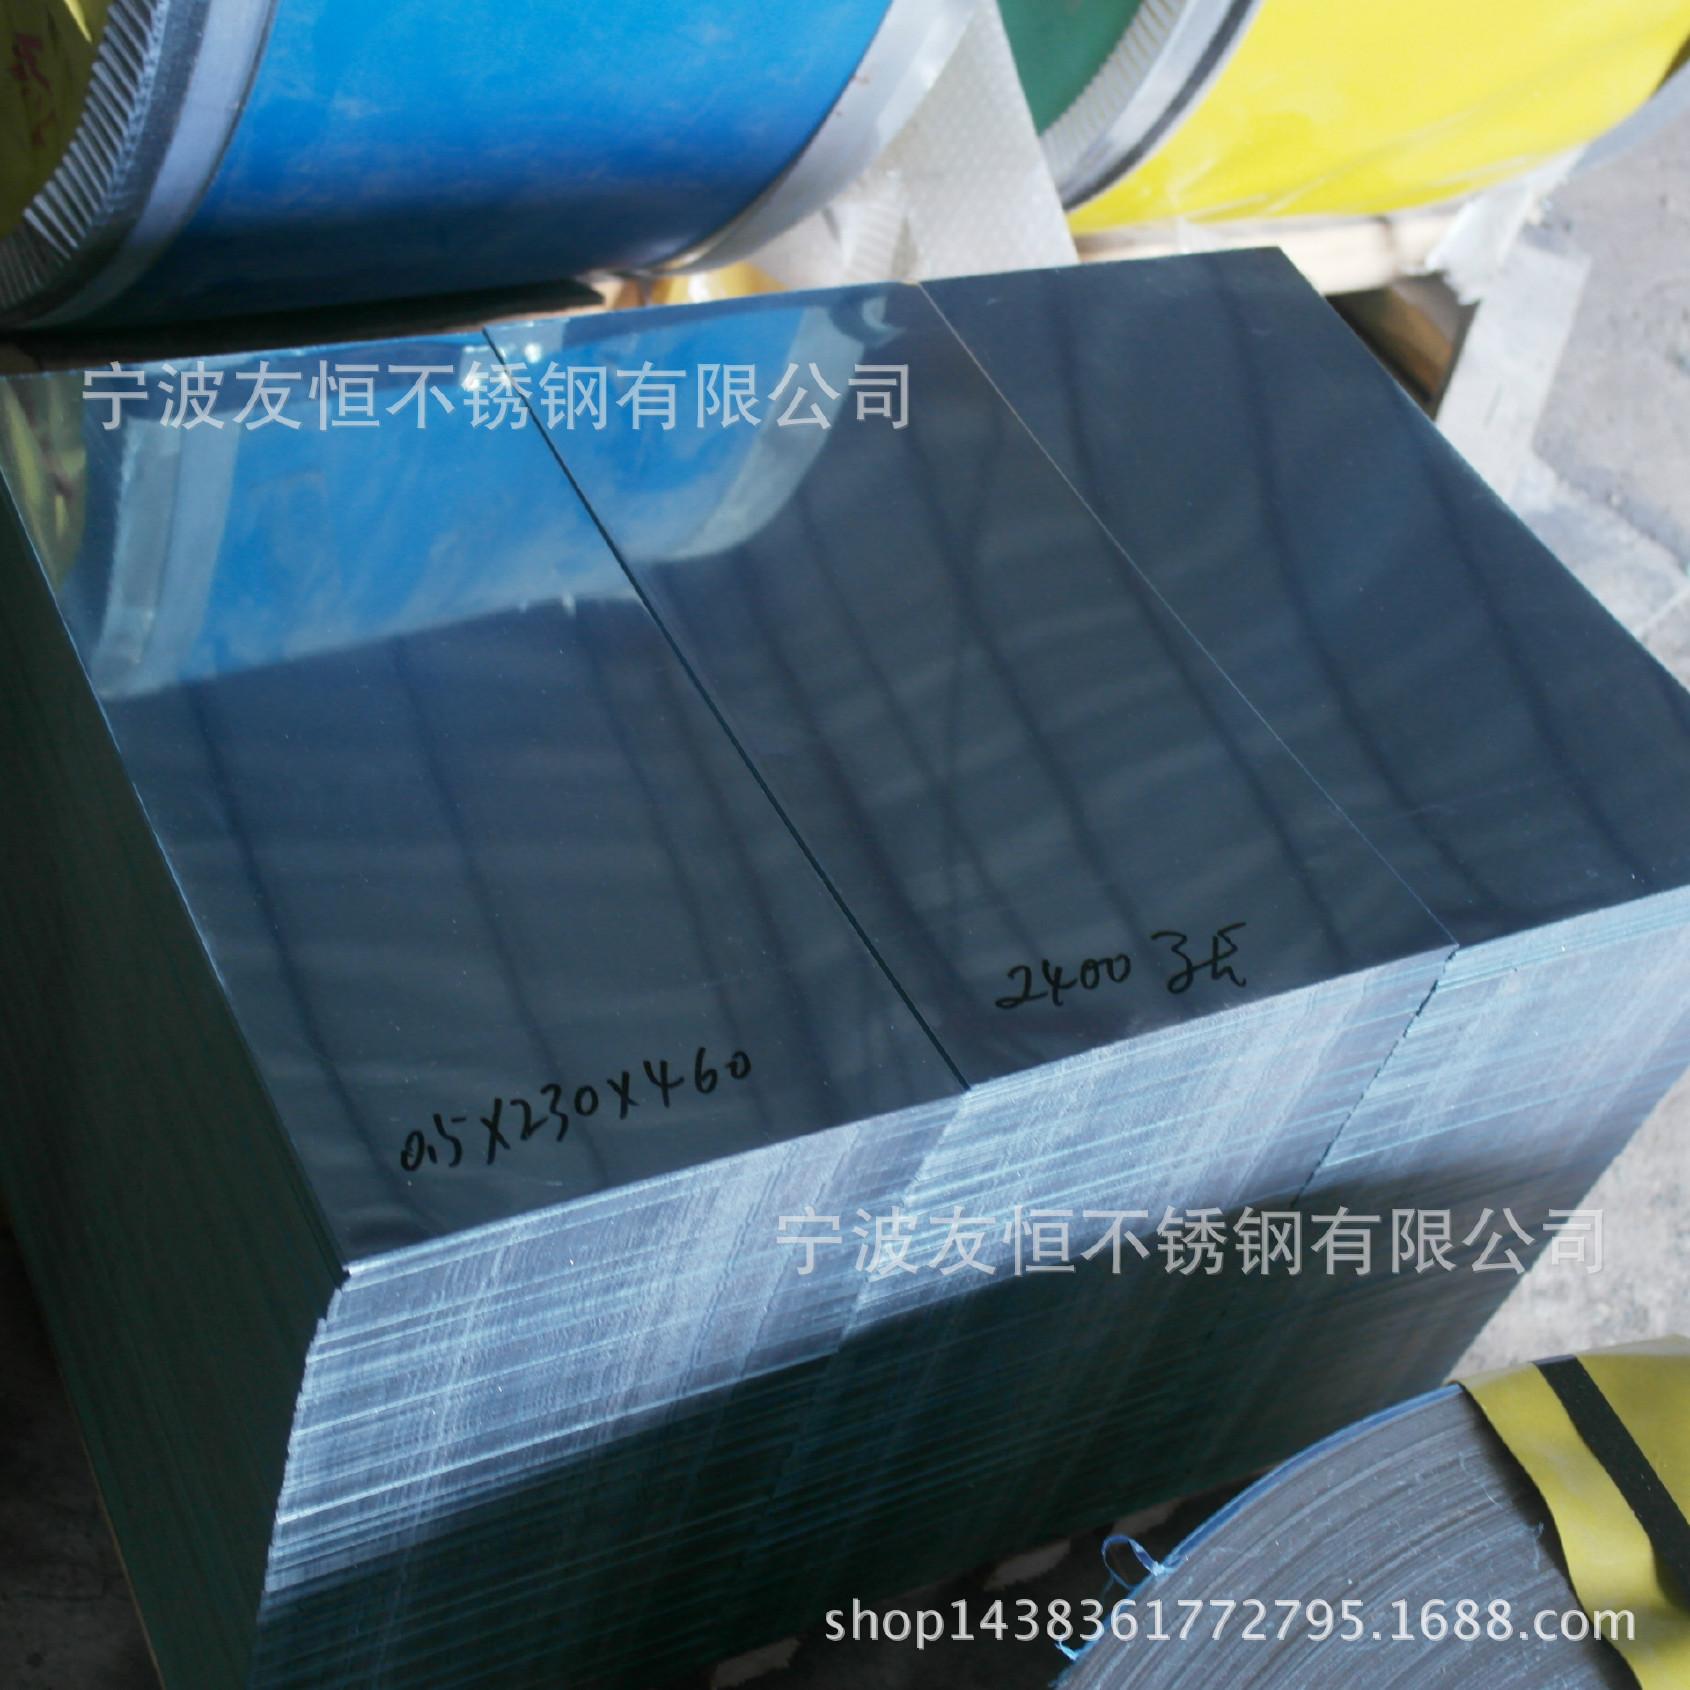 供應寶新304不銹鋼 分條304不銹鋼帶 可分條開平 質優價廉圖片